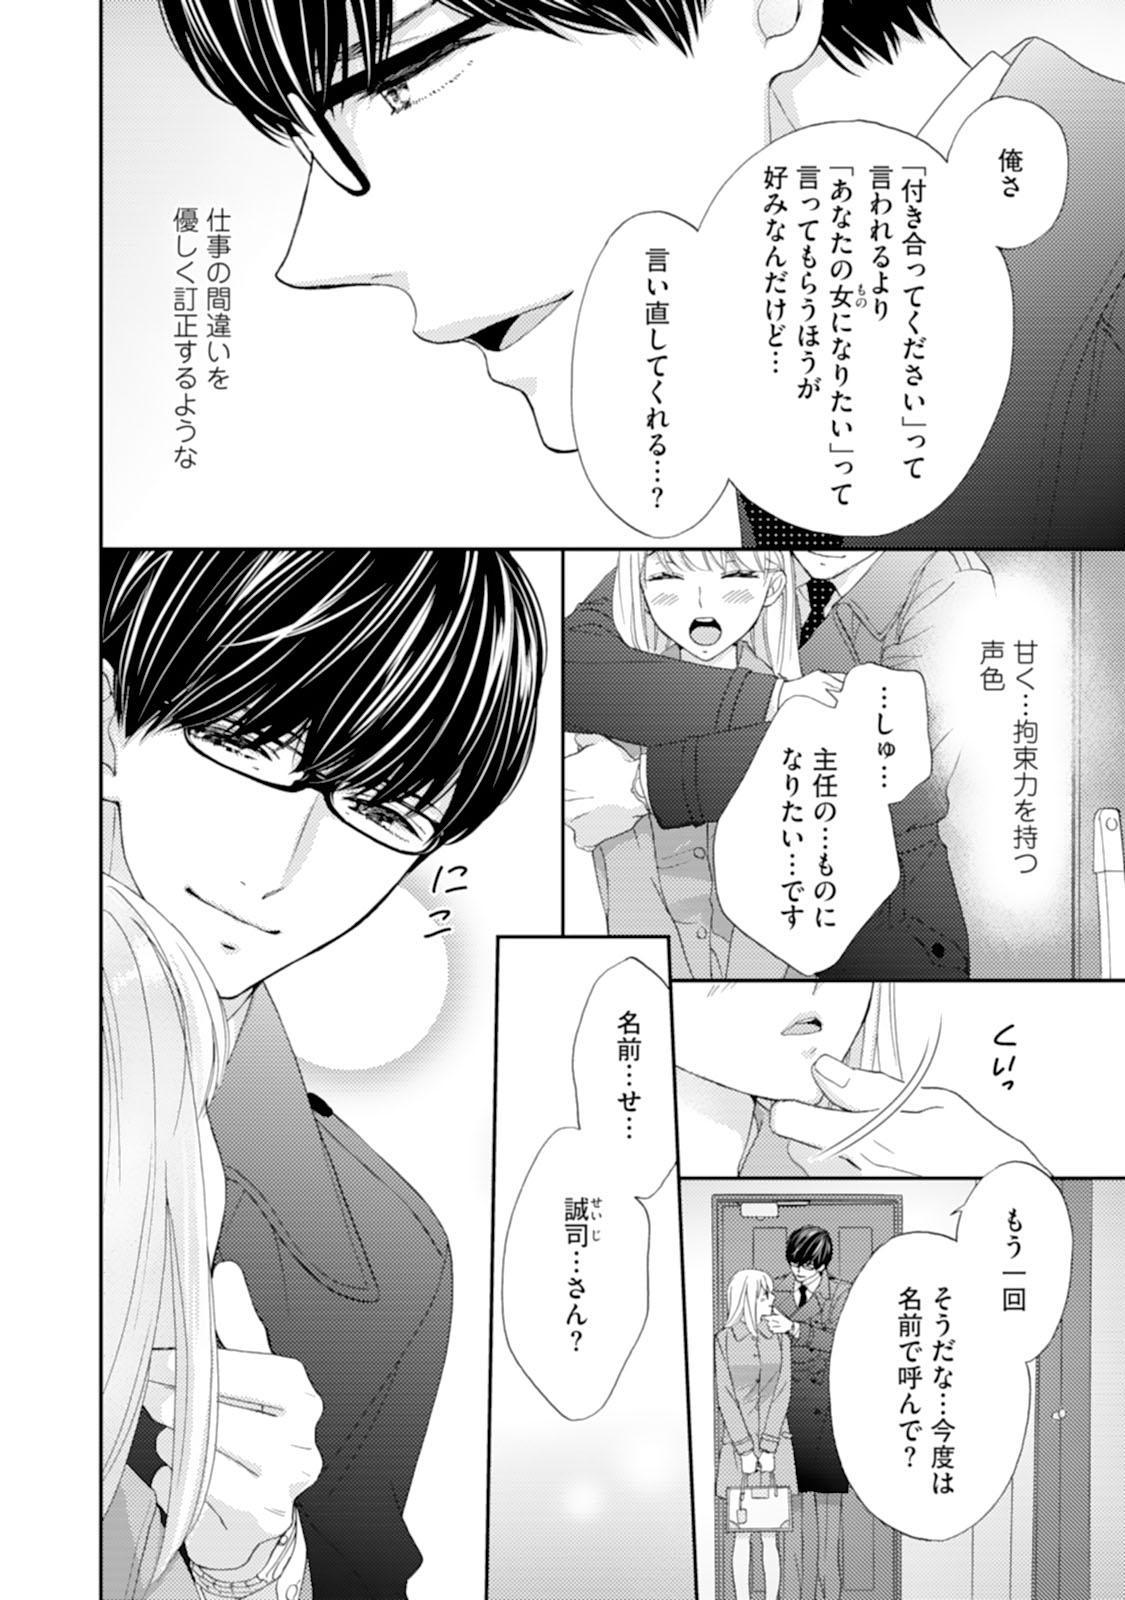 [Adumi Yuu] Choukyou-kei Danshi Ookami-sama to Koneko-chan Ch. 1-3 40